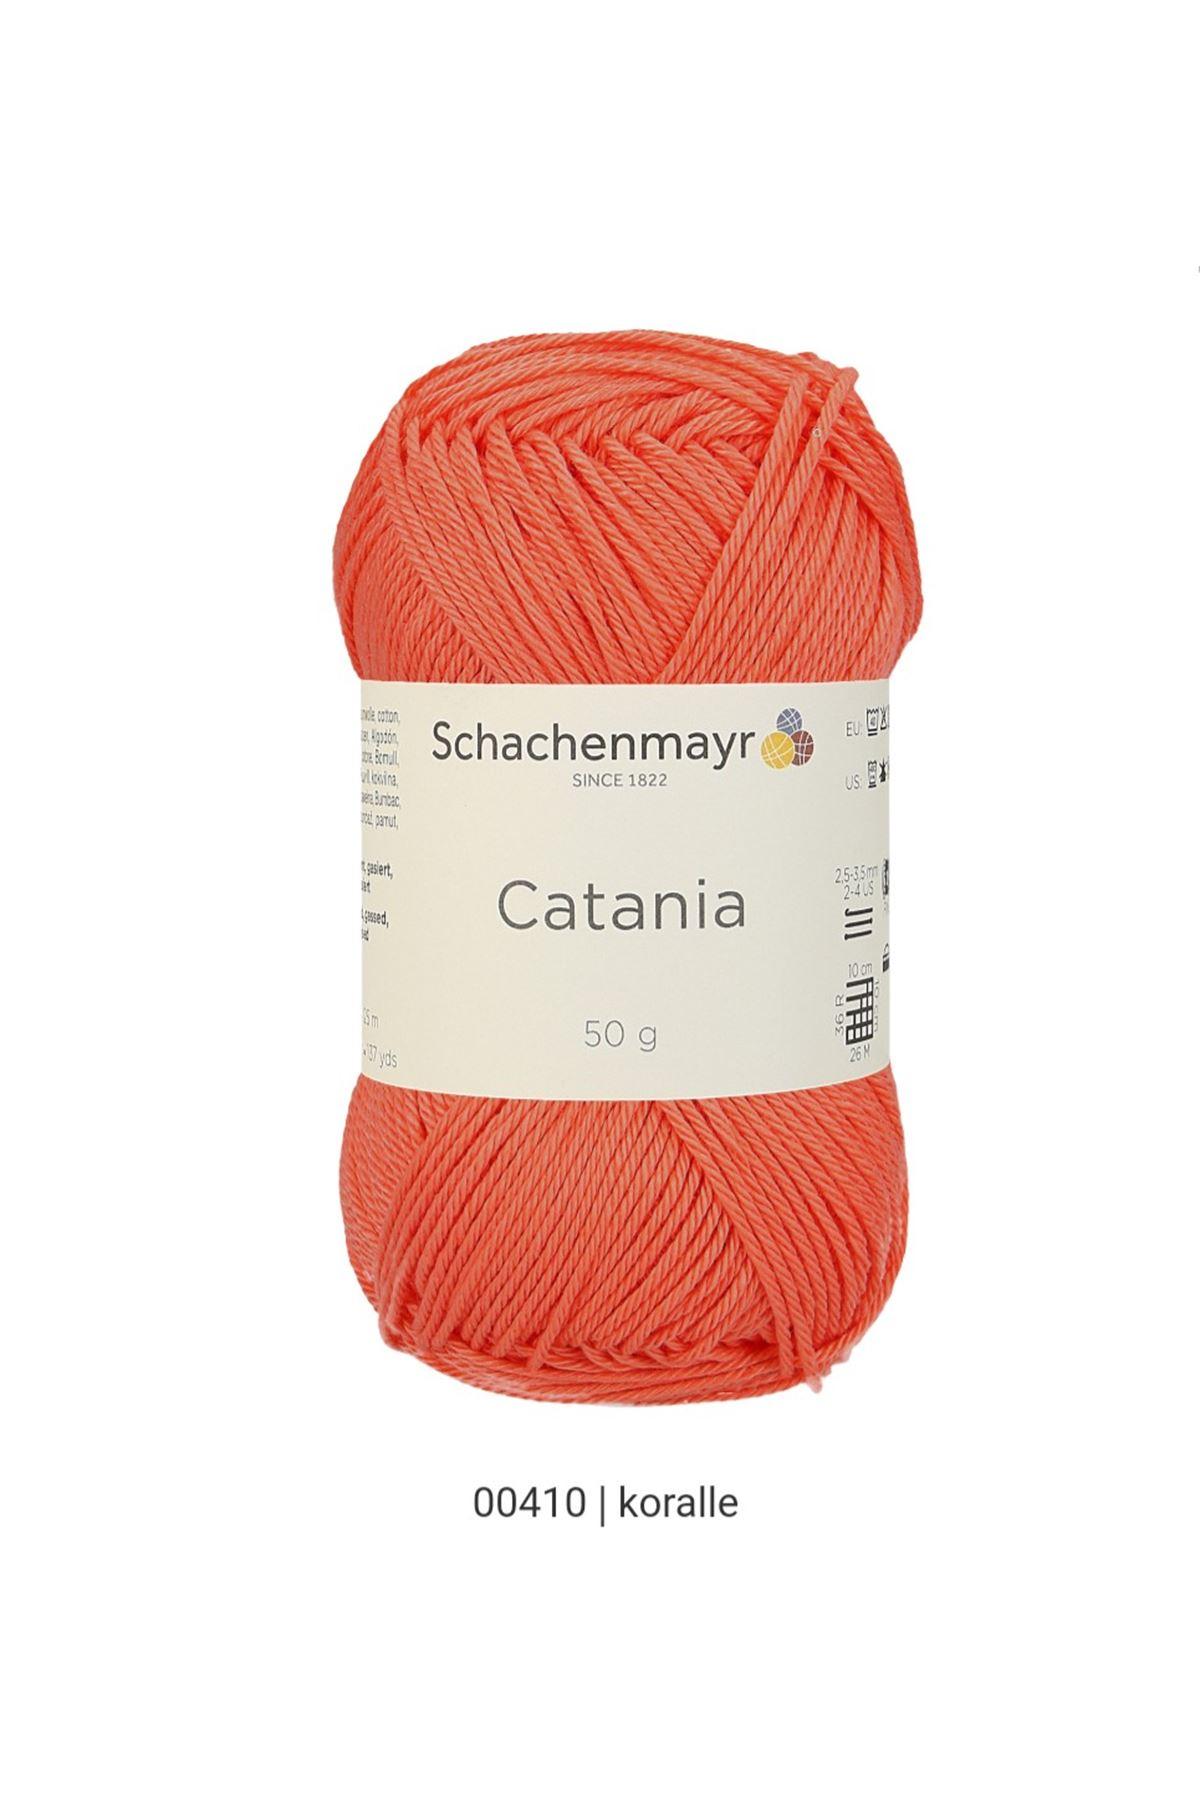 SMC Catania 50g 00410 Koralle Mercan